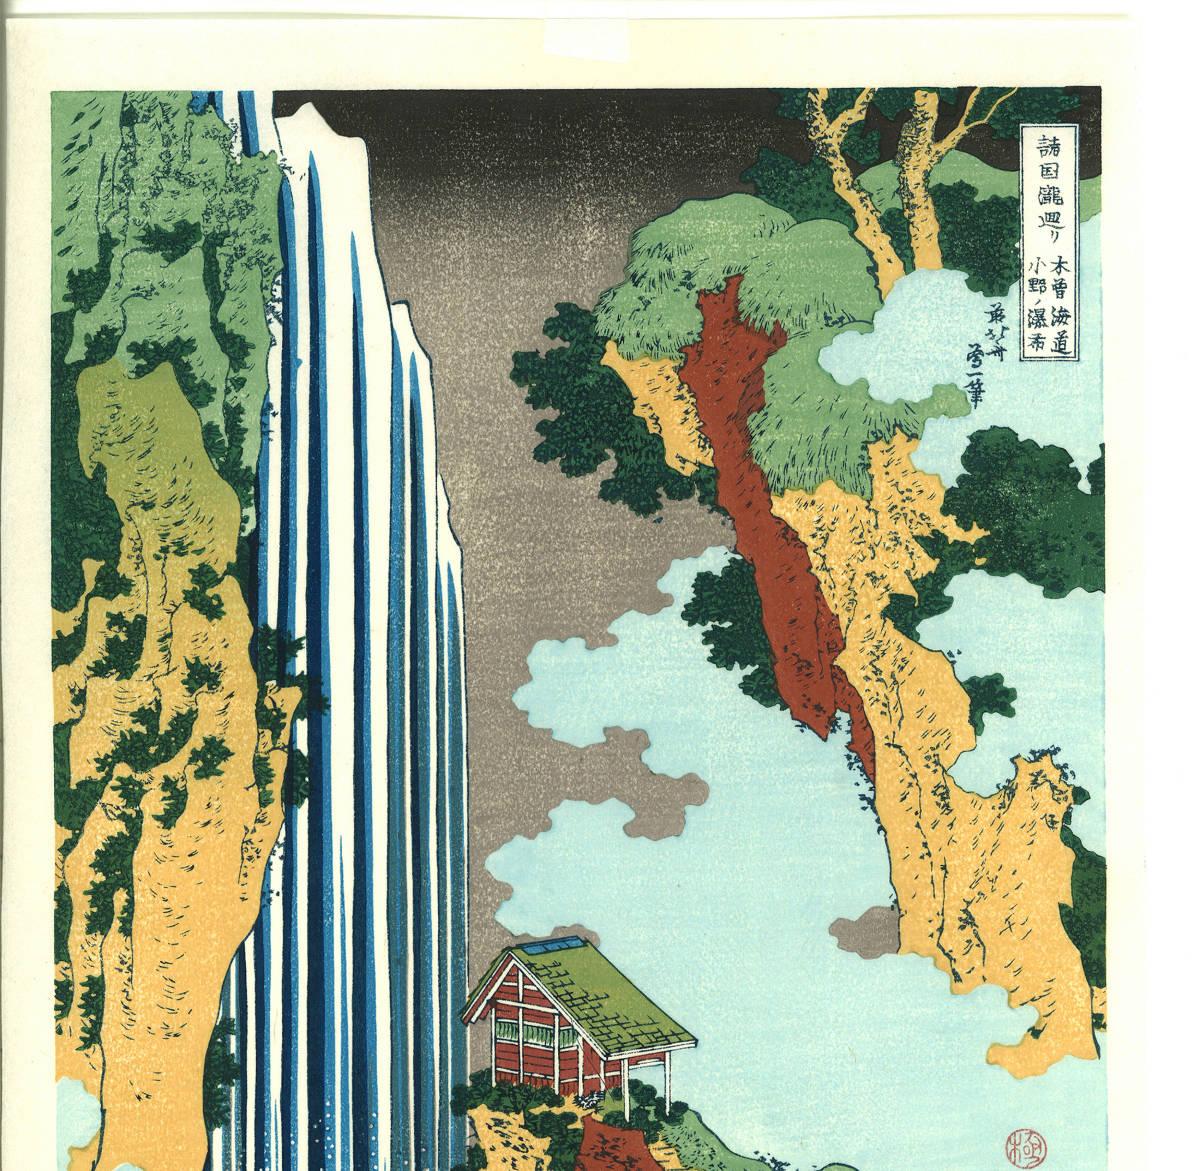 葛飾北斎 (Katsushika Hokusai) 木版画 組合版 諸国瀧廻り 木曽海道小野ノ瀑布  初版1833年(天保4年)頃  一流の職人技を是非!!_画像2